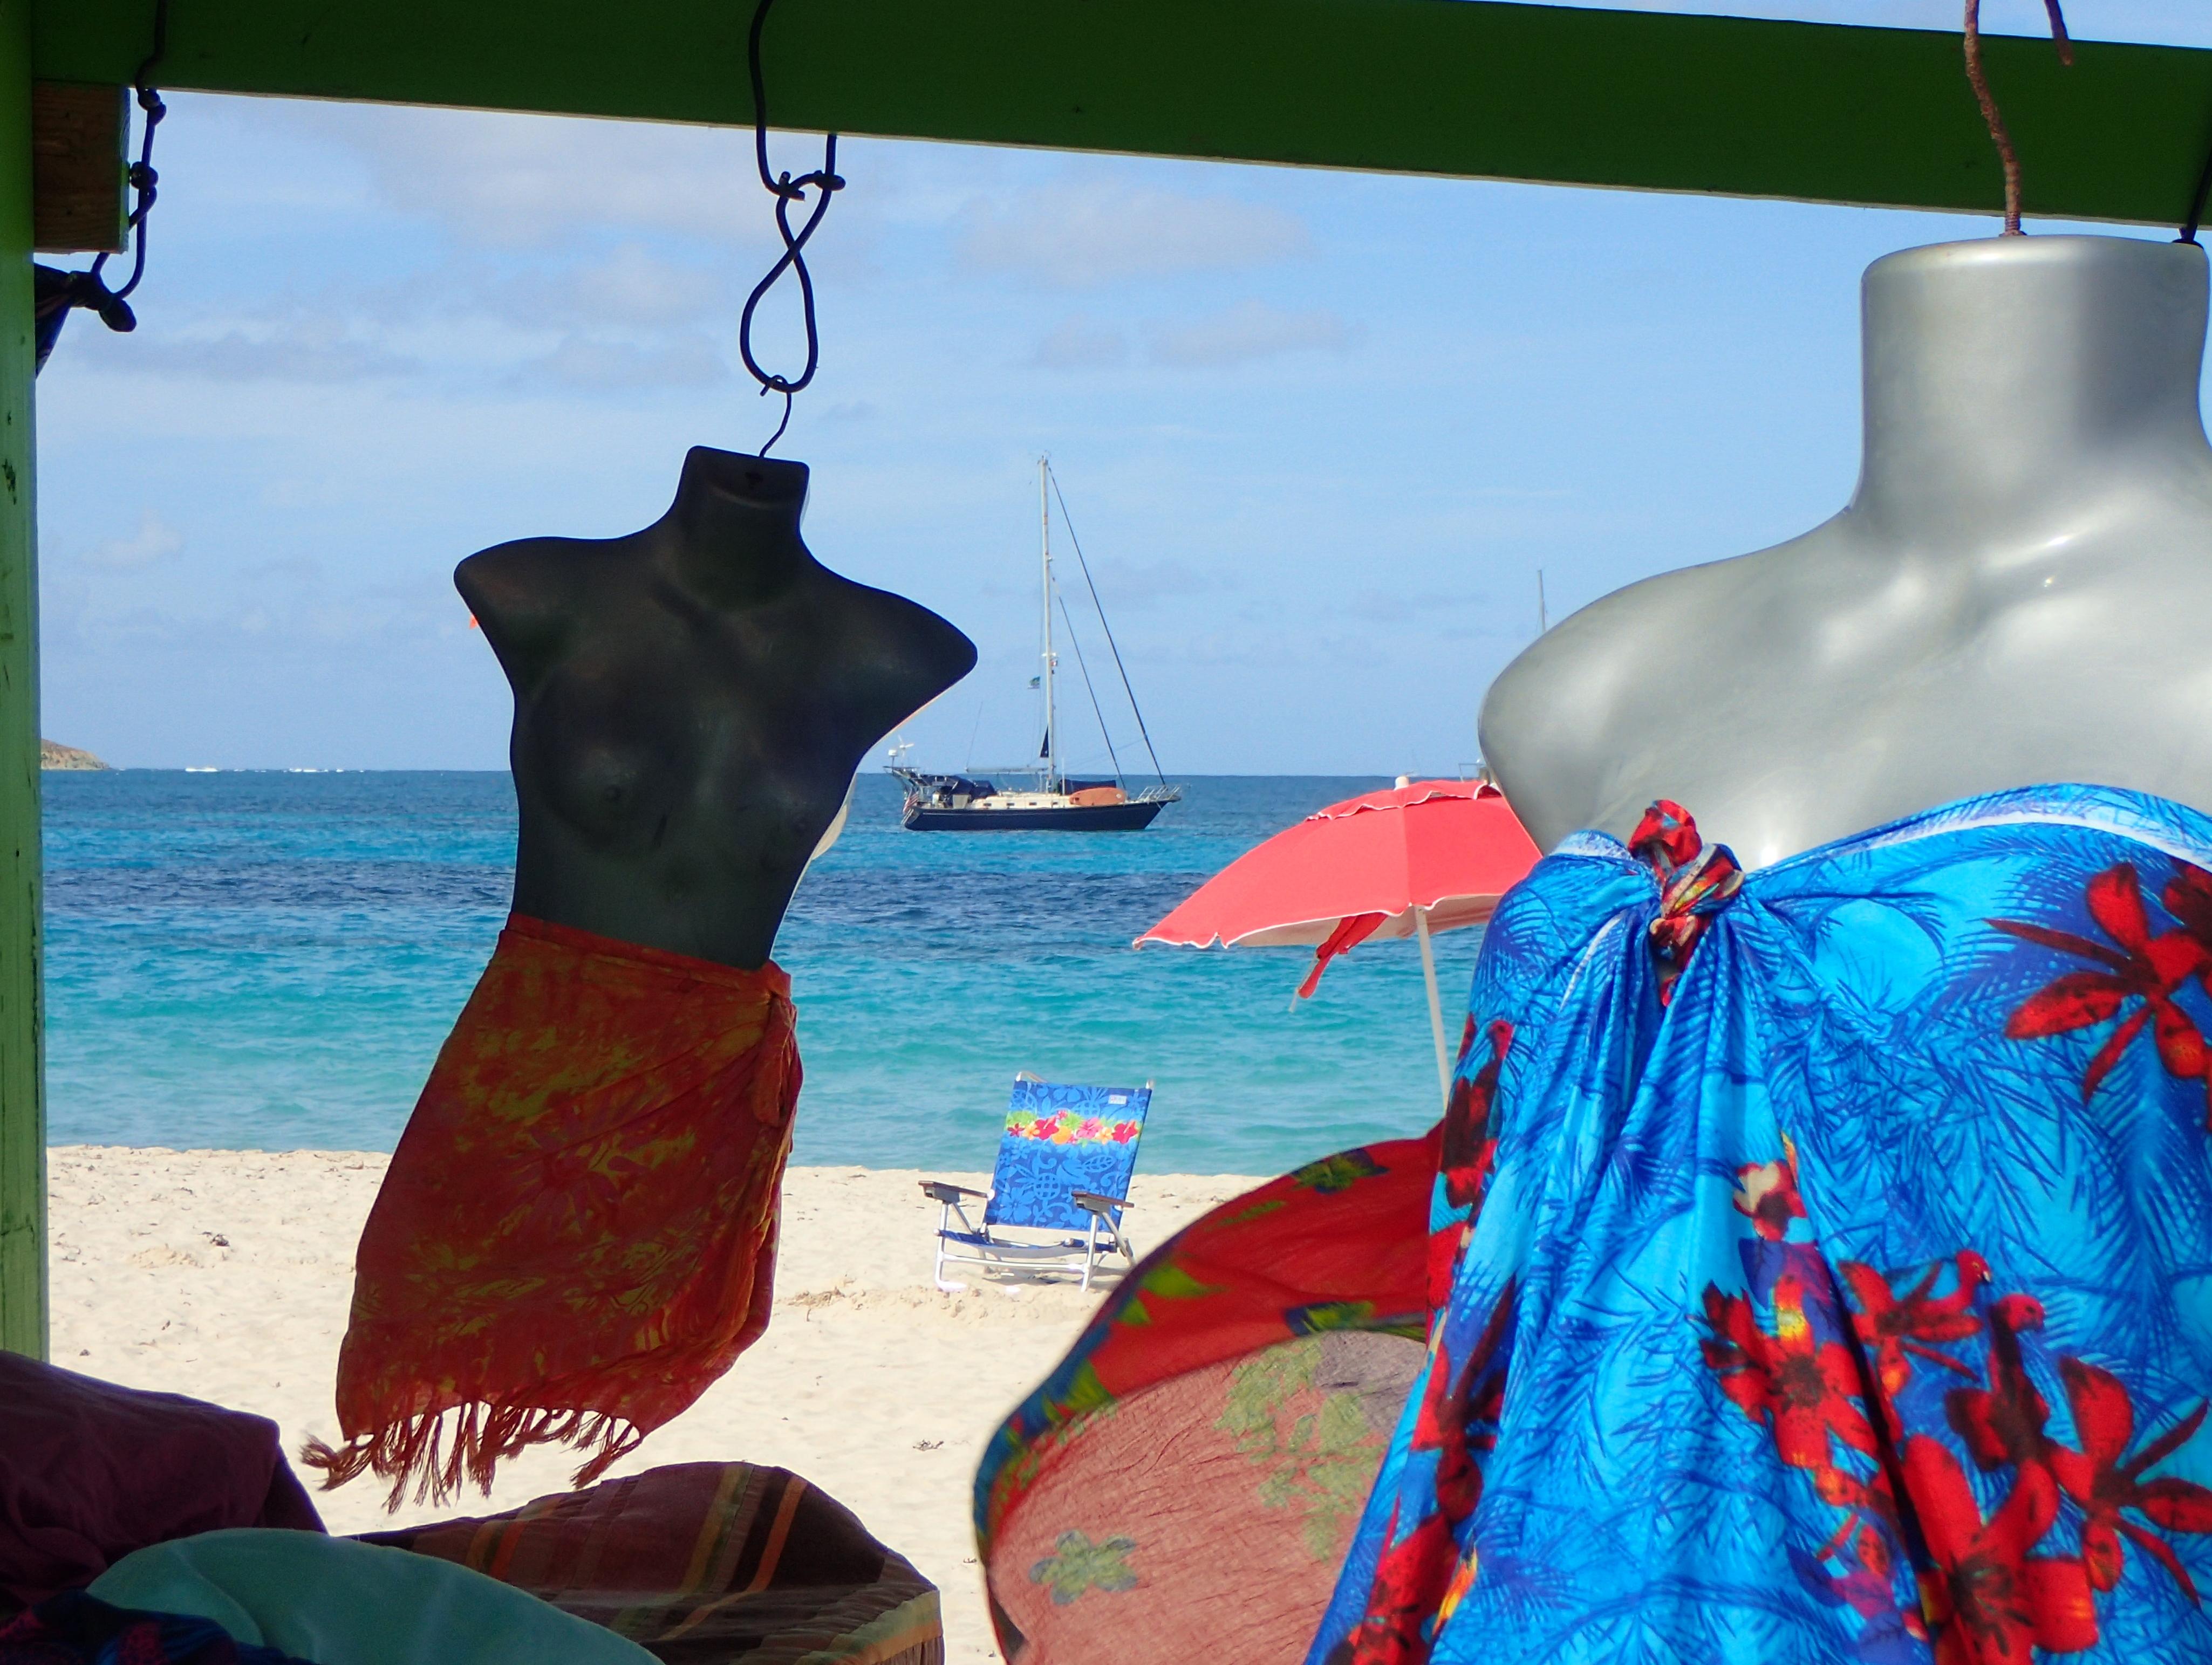 s/v Pura Vida anchored right off the beach